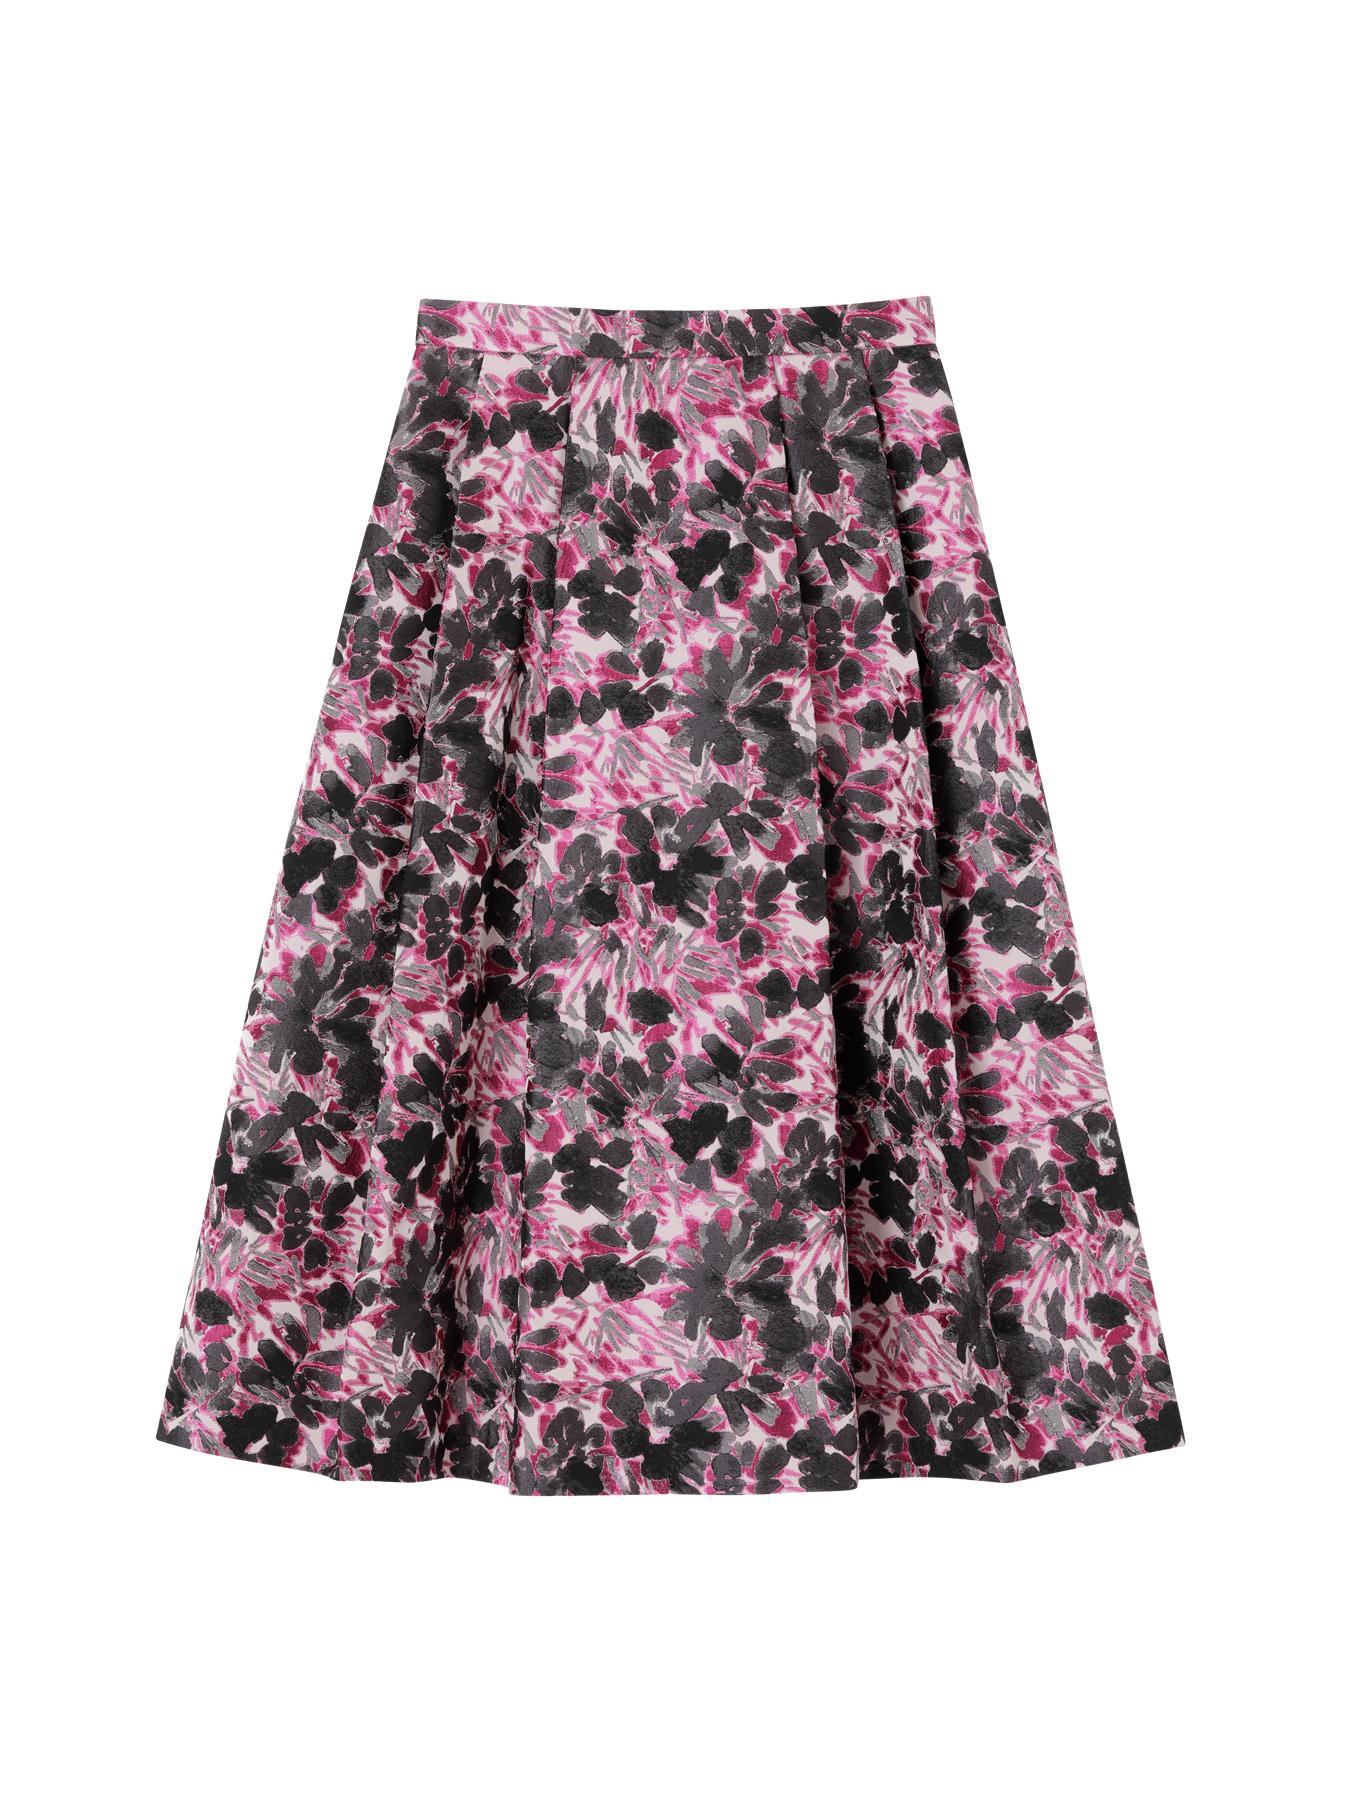 芸能人がしゃべくり007×人生が変わる1分間の深イイ話 合体SPで着用した衣装スカート